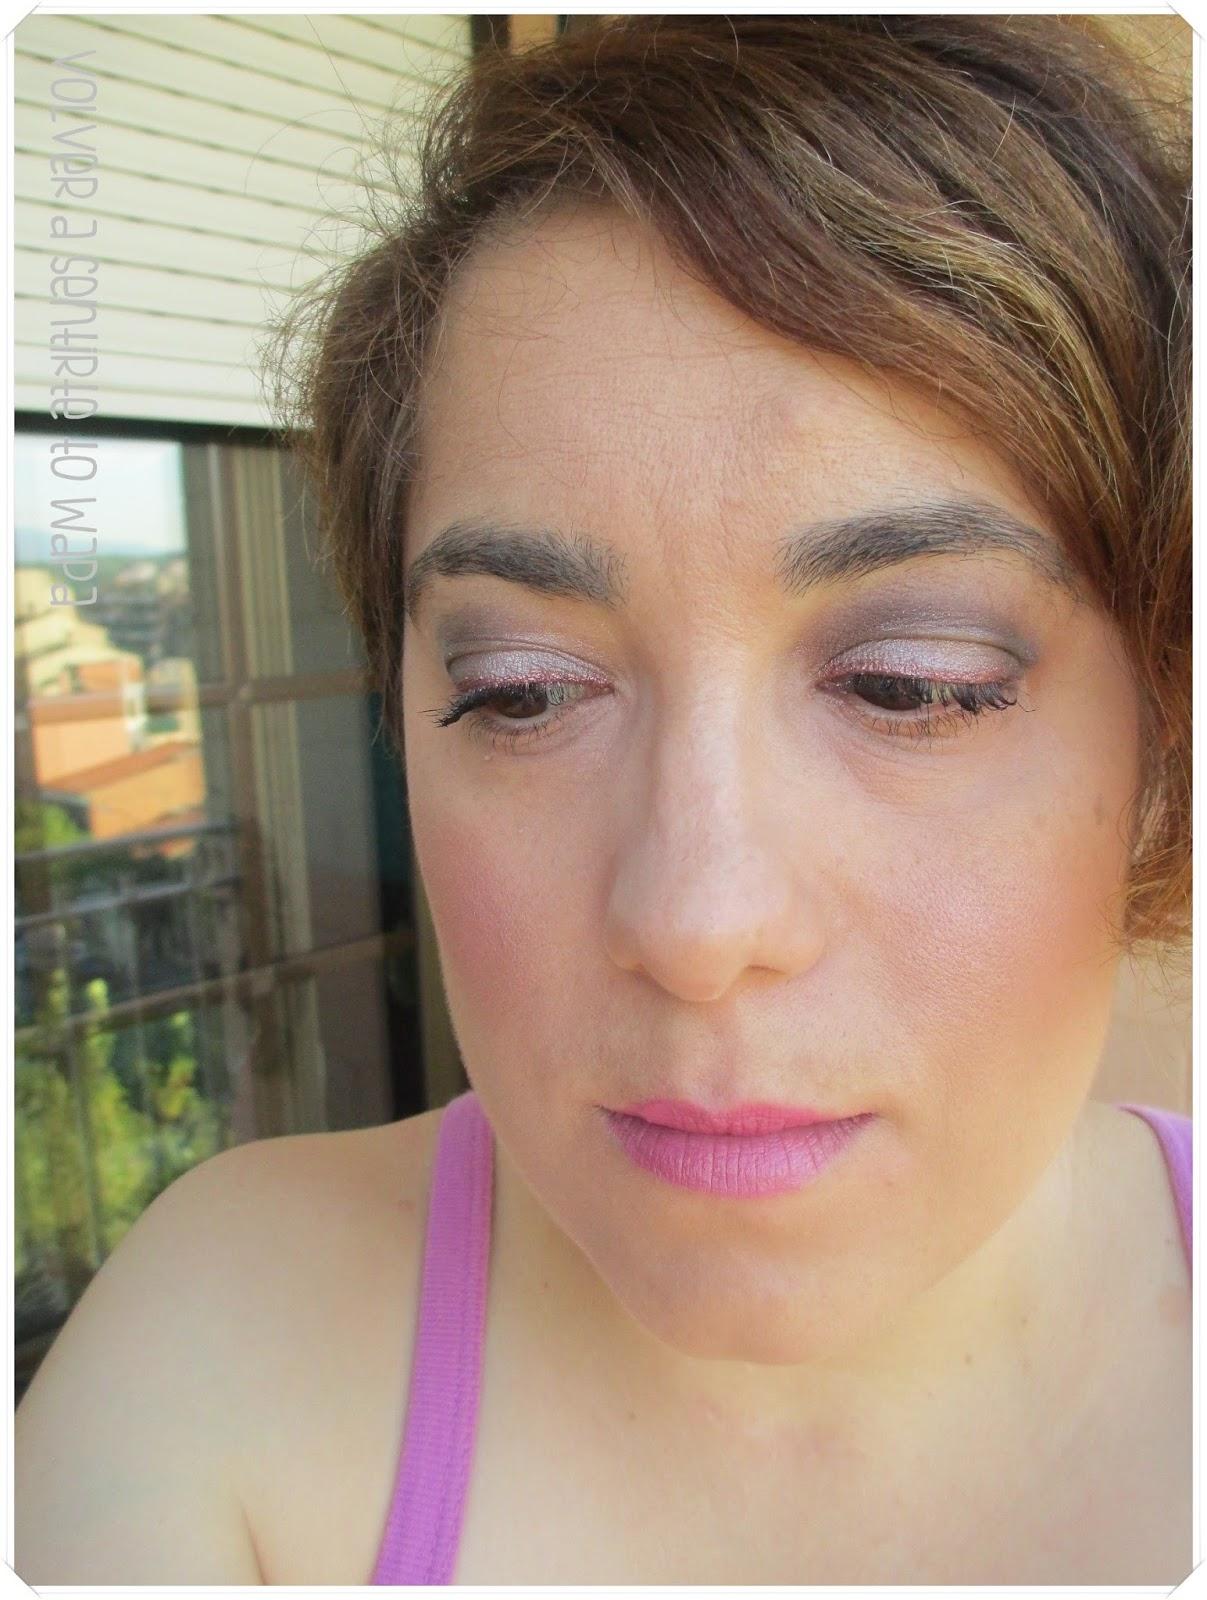 Maquillaje en marrón y rosa - Volver a Sentirte to Wapa